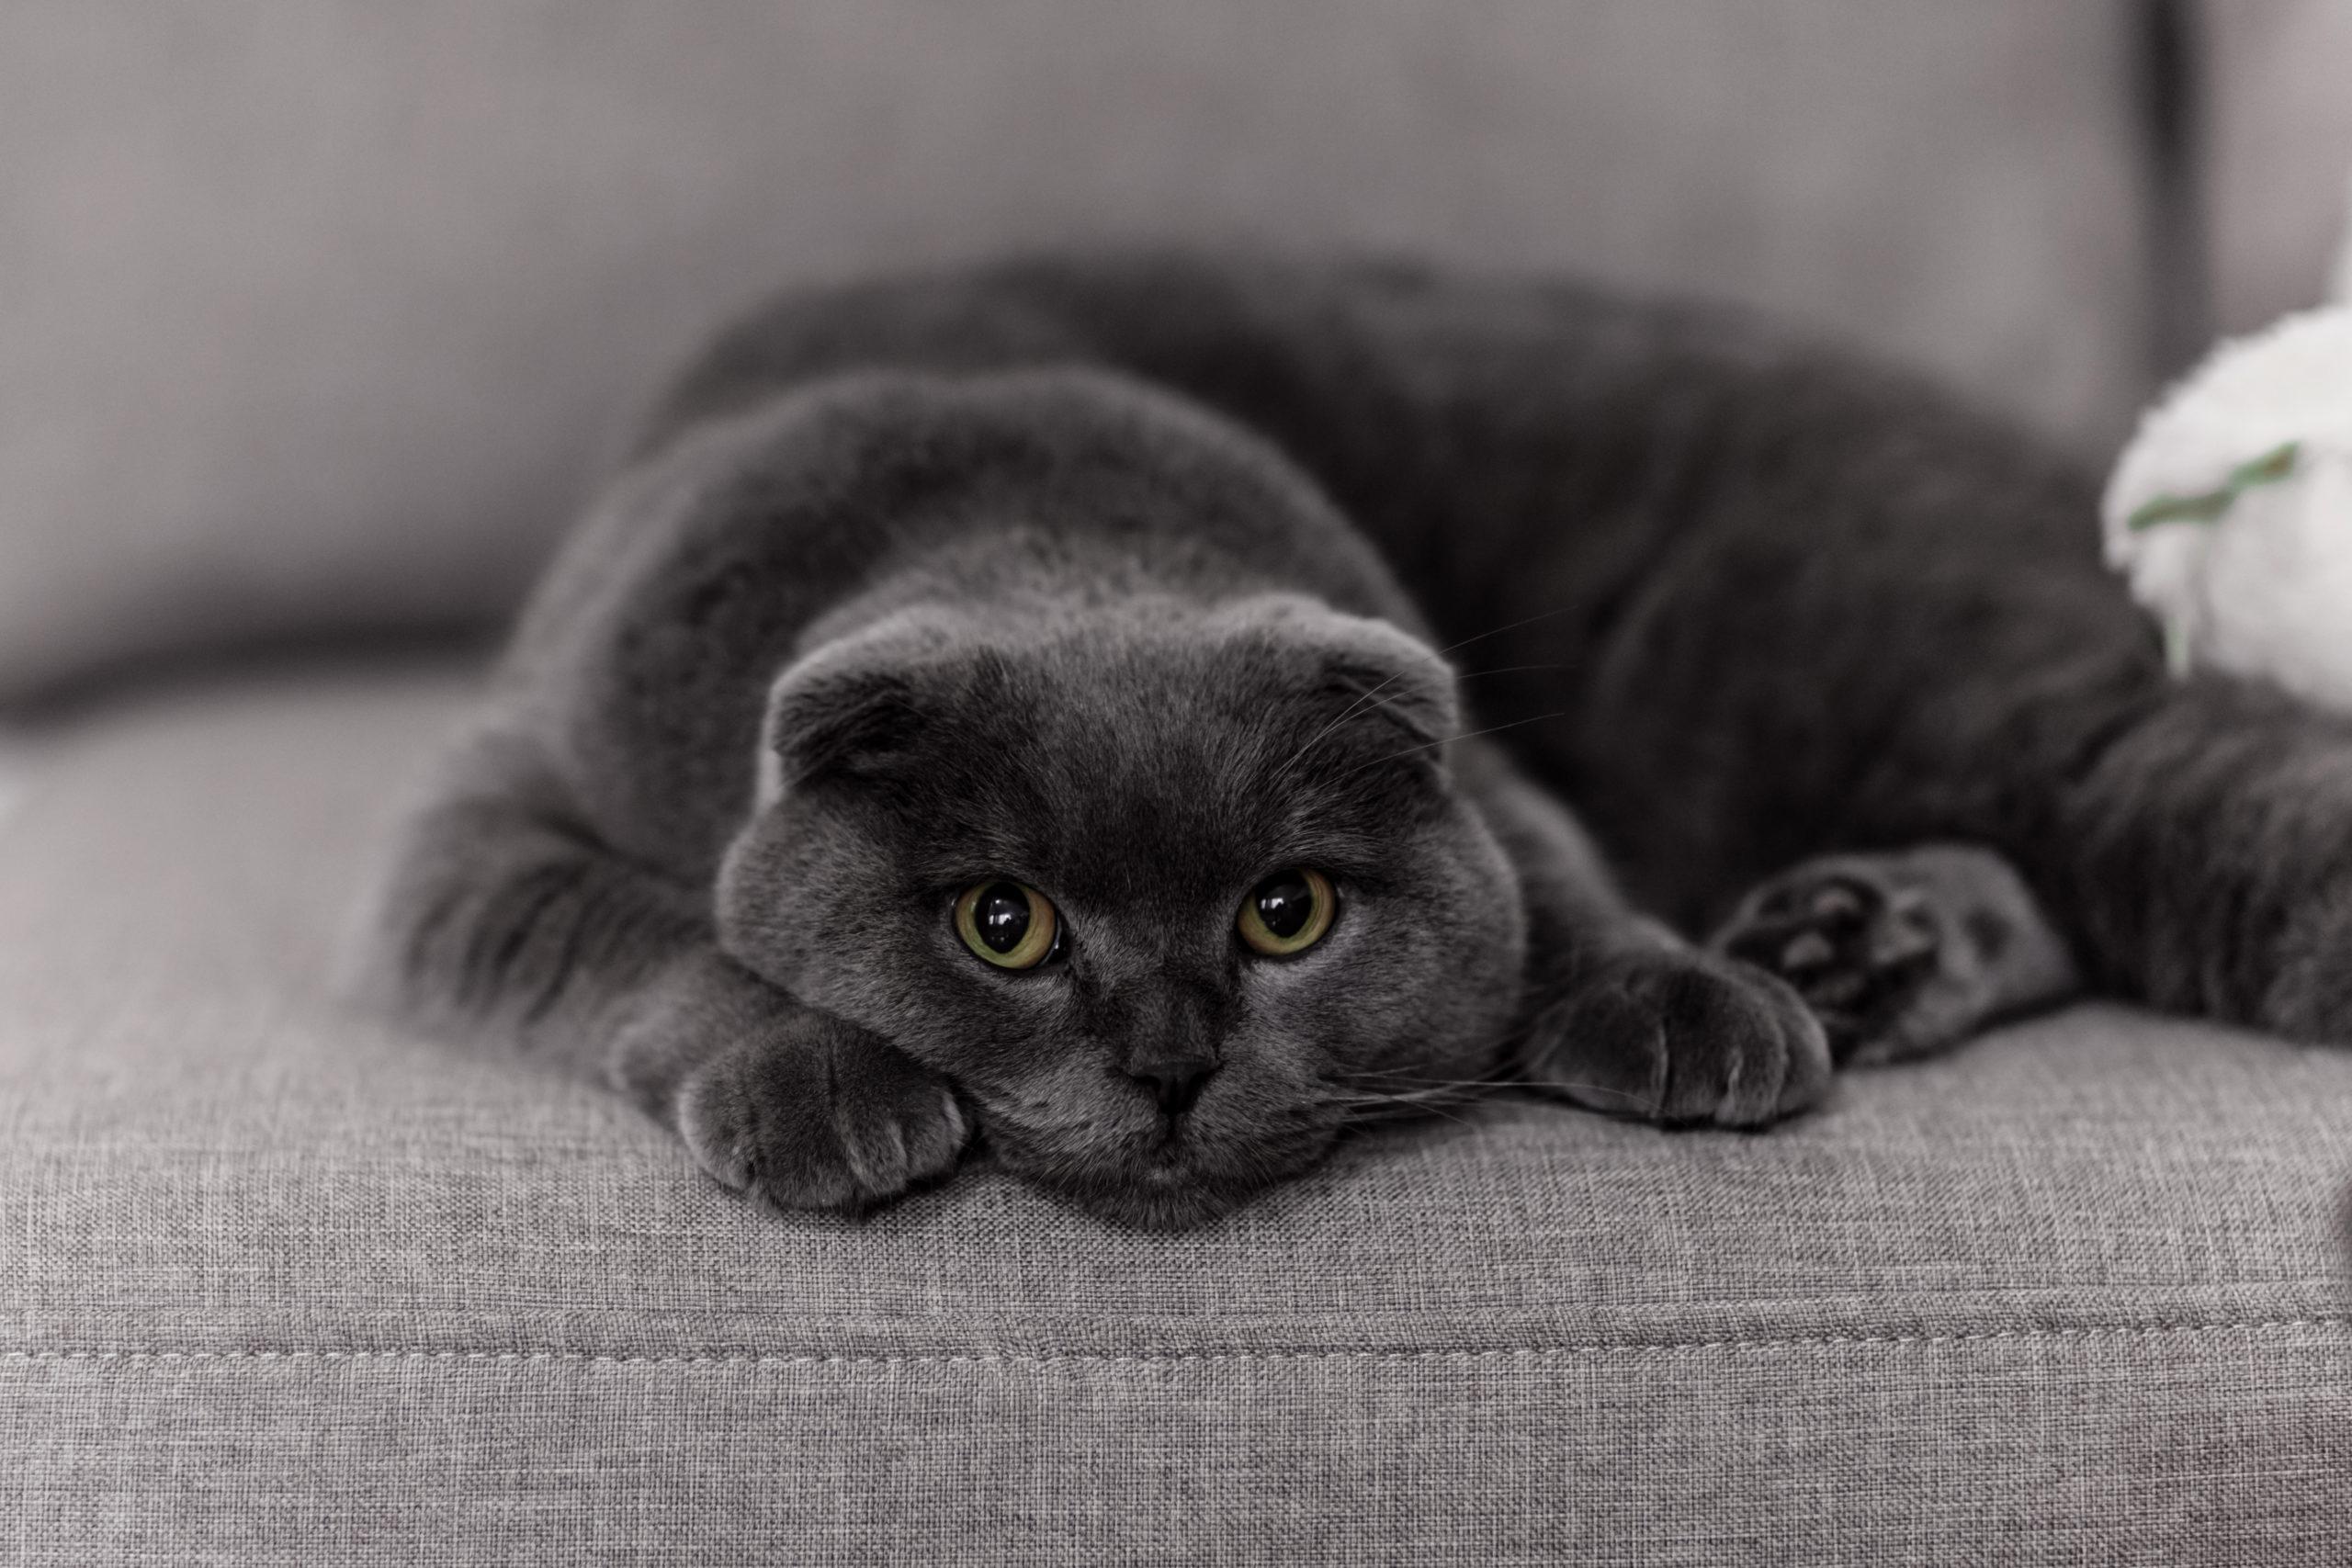 オス猫がふみふみする3つの理由【去勢前と後で意味が変わる】